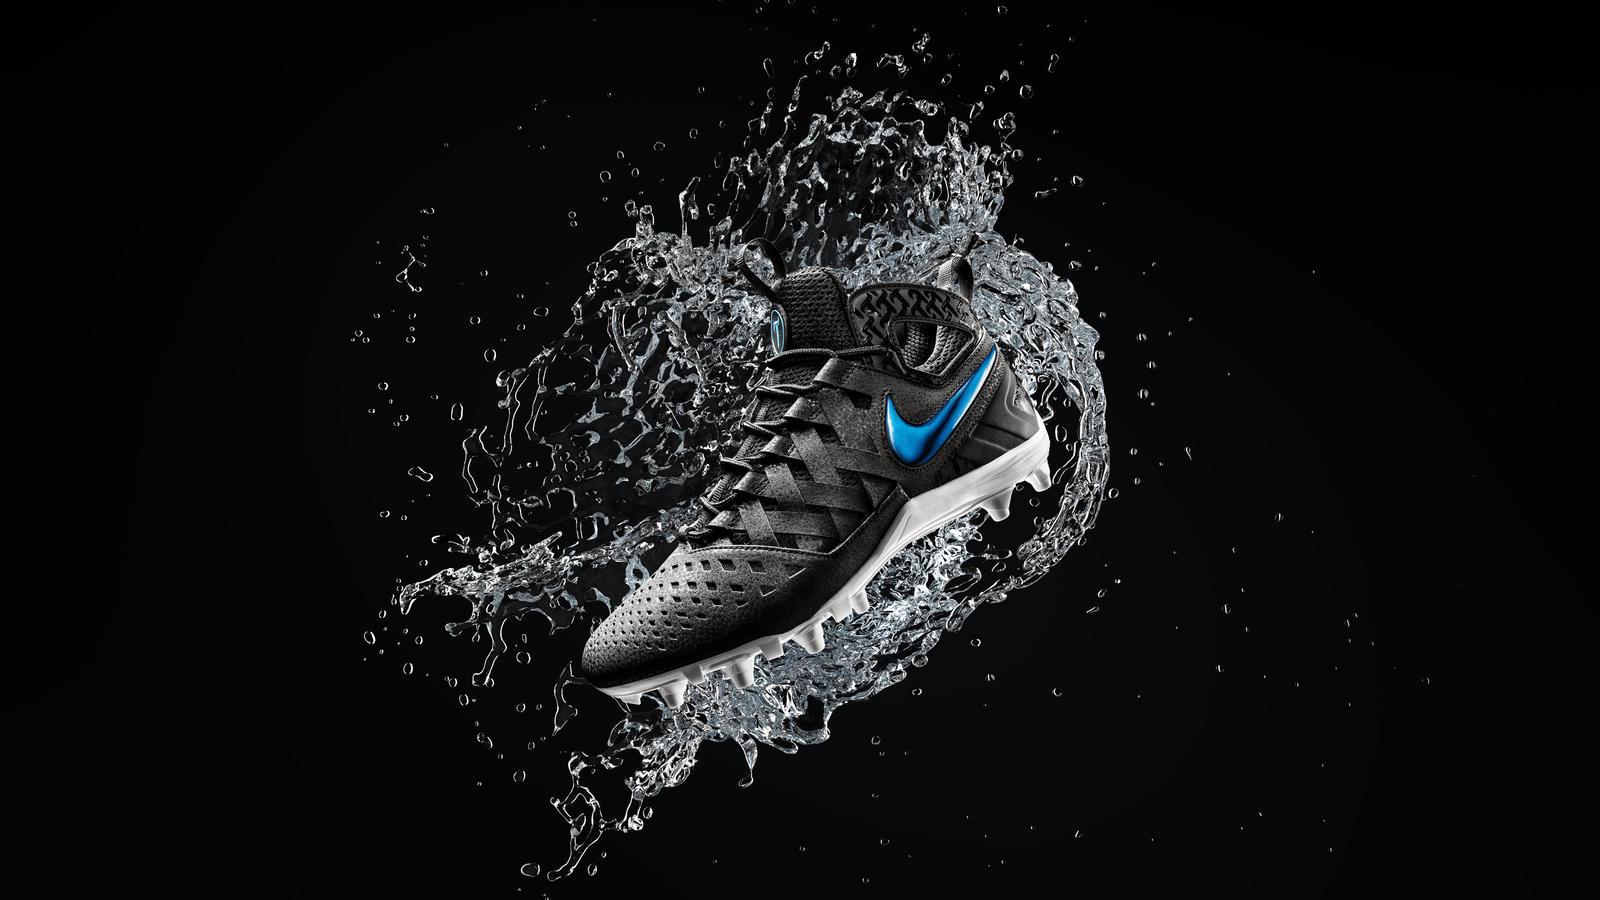 Nike Huarache 5 Lacrosse cleat - hero